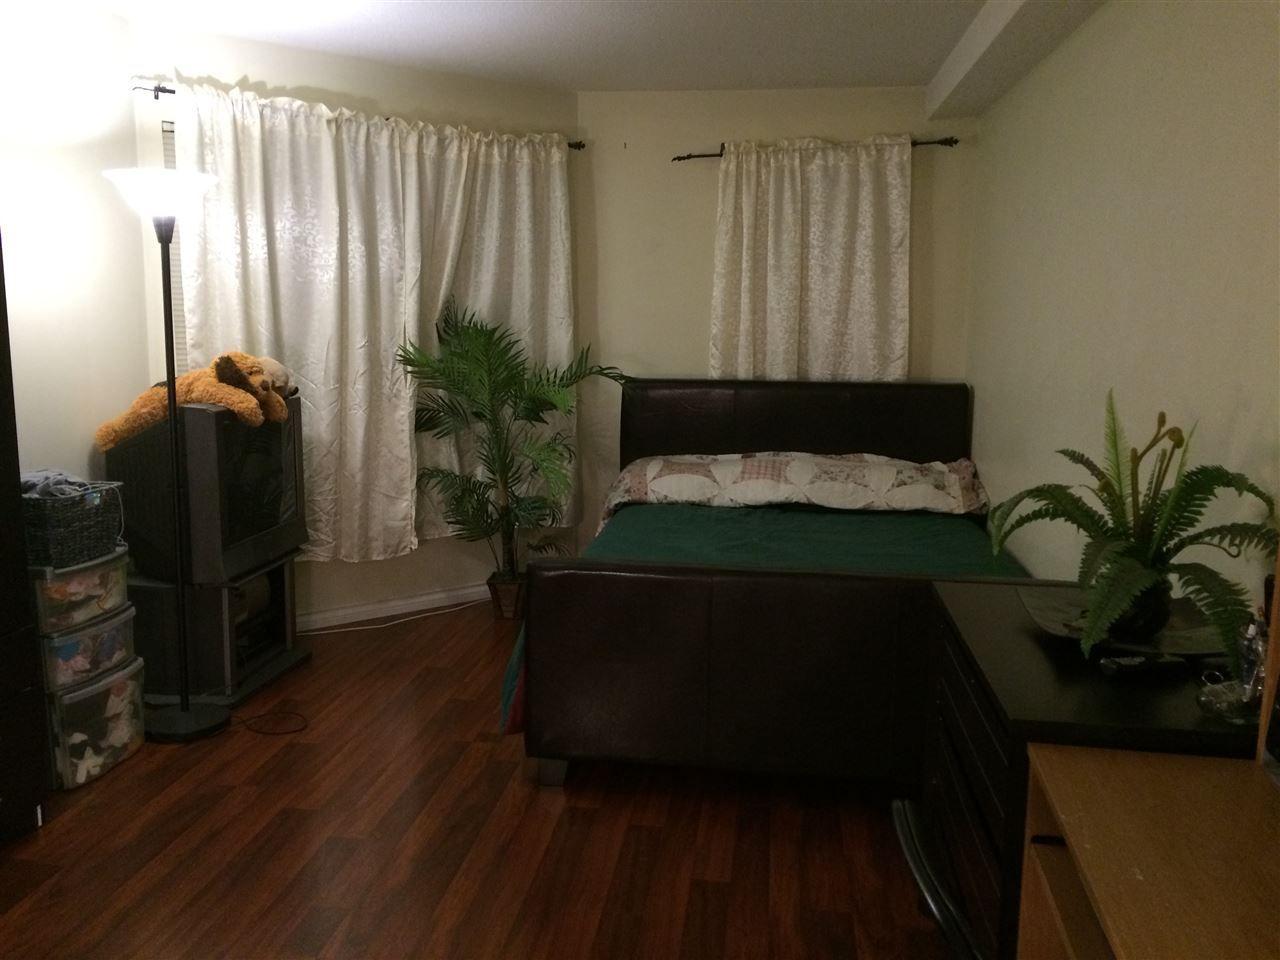 Photo 13: Photos: 106 15150 108TH AVENUE in Surrey: Bolivar Heights Condo for sale (North Surrey)  : MLS®# R2148396